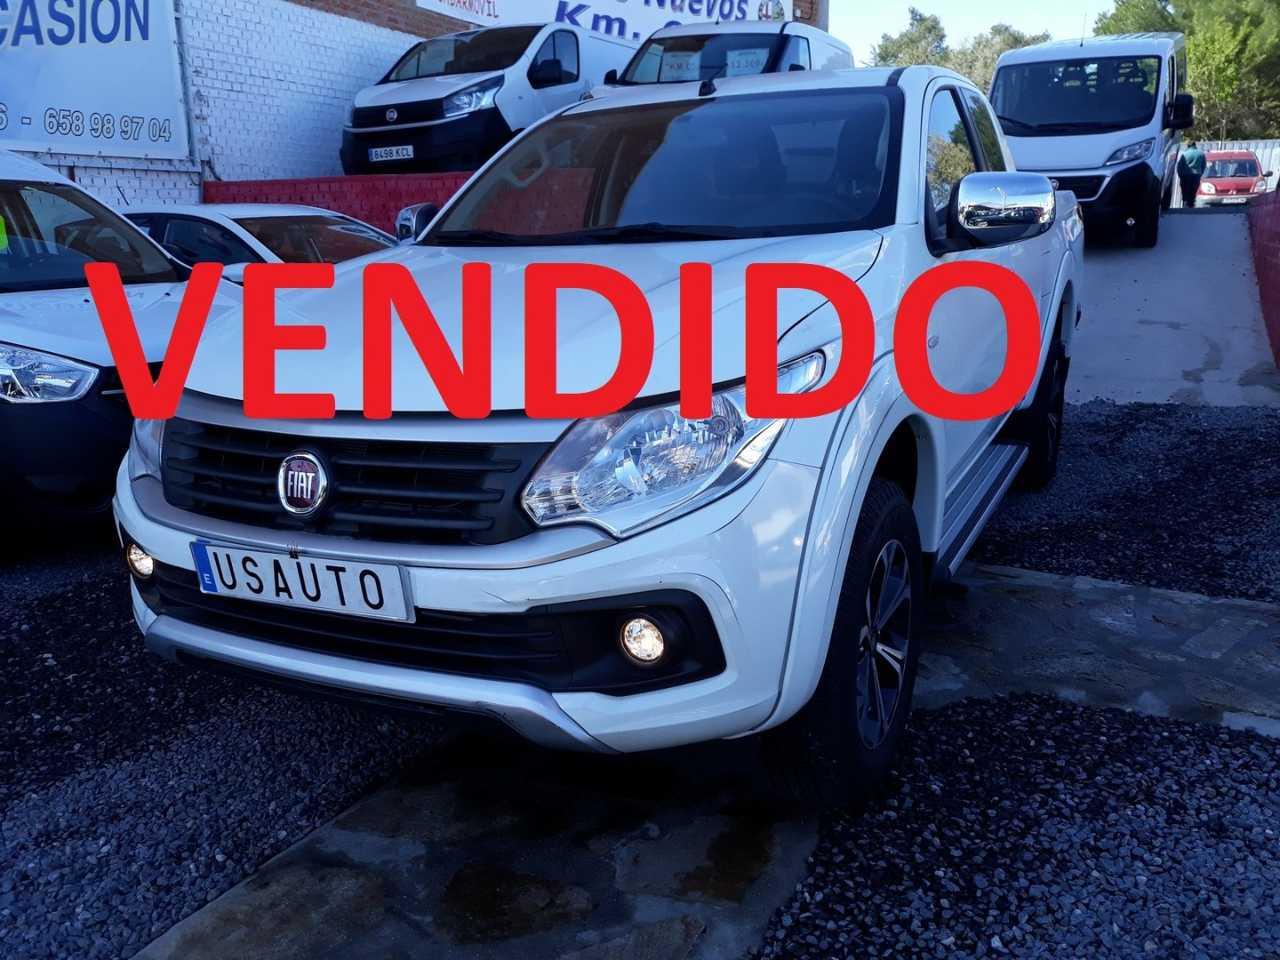 Fiat Fullback 2.5 181 CV OPEN EDITION   - Foto 1